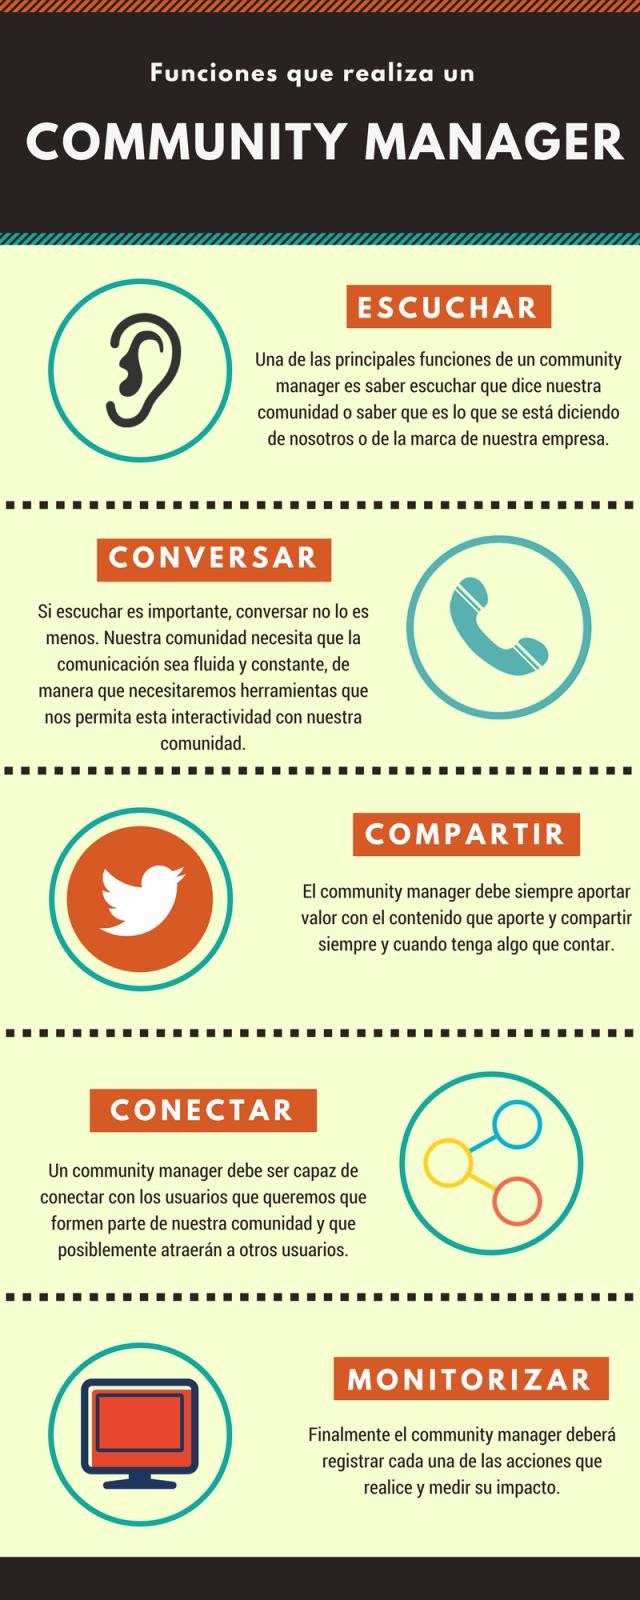 Acosta_Nicolas_Infografía